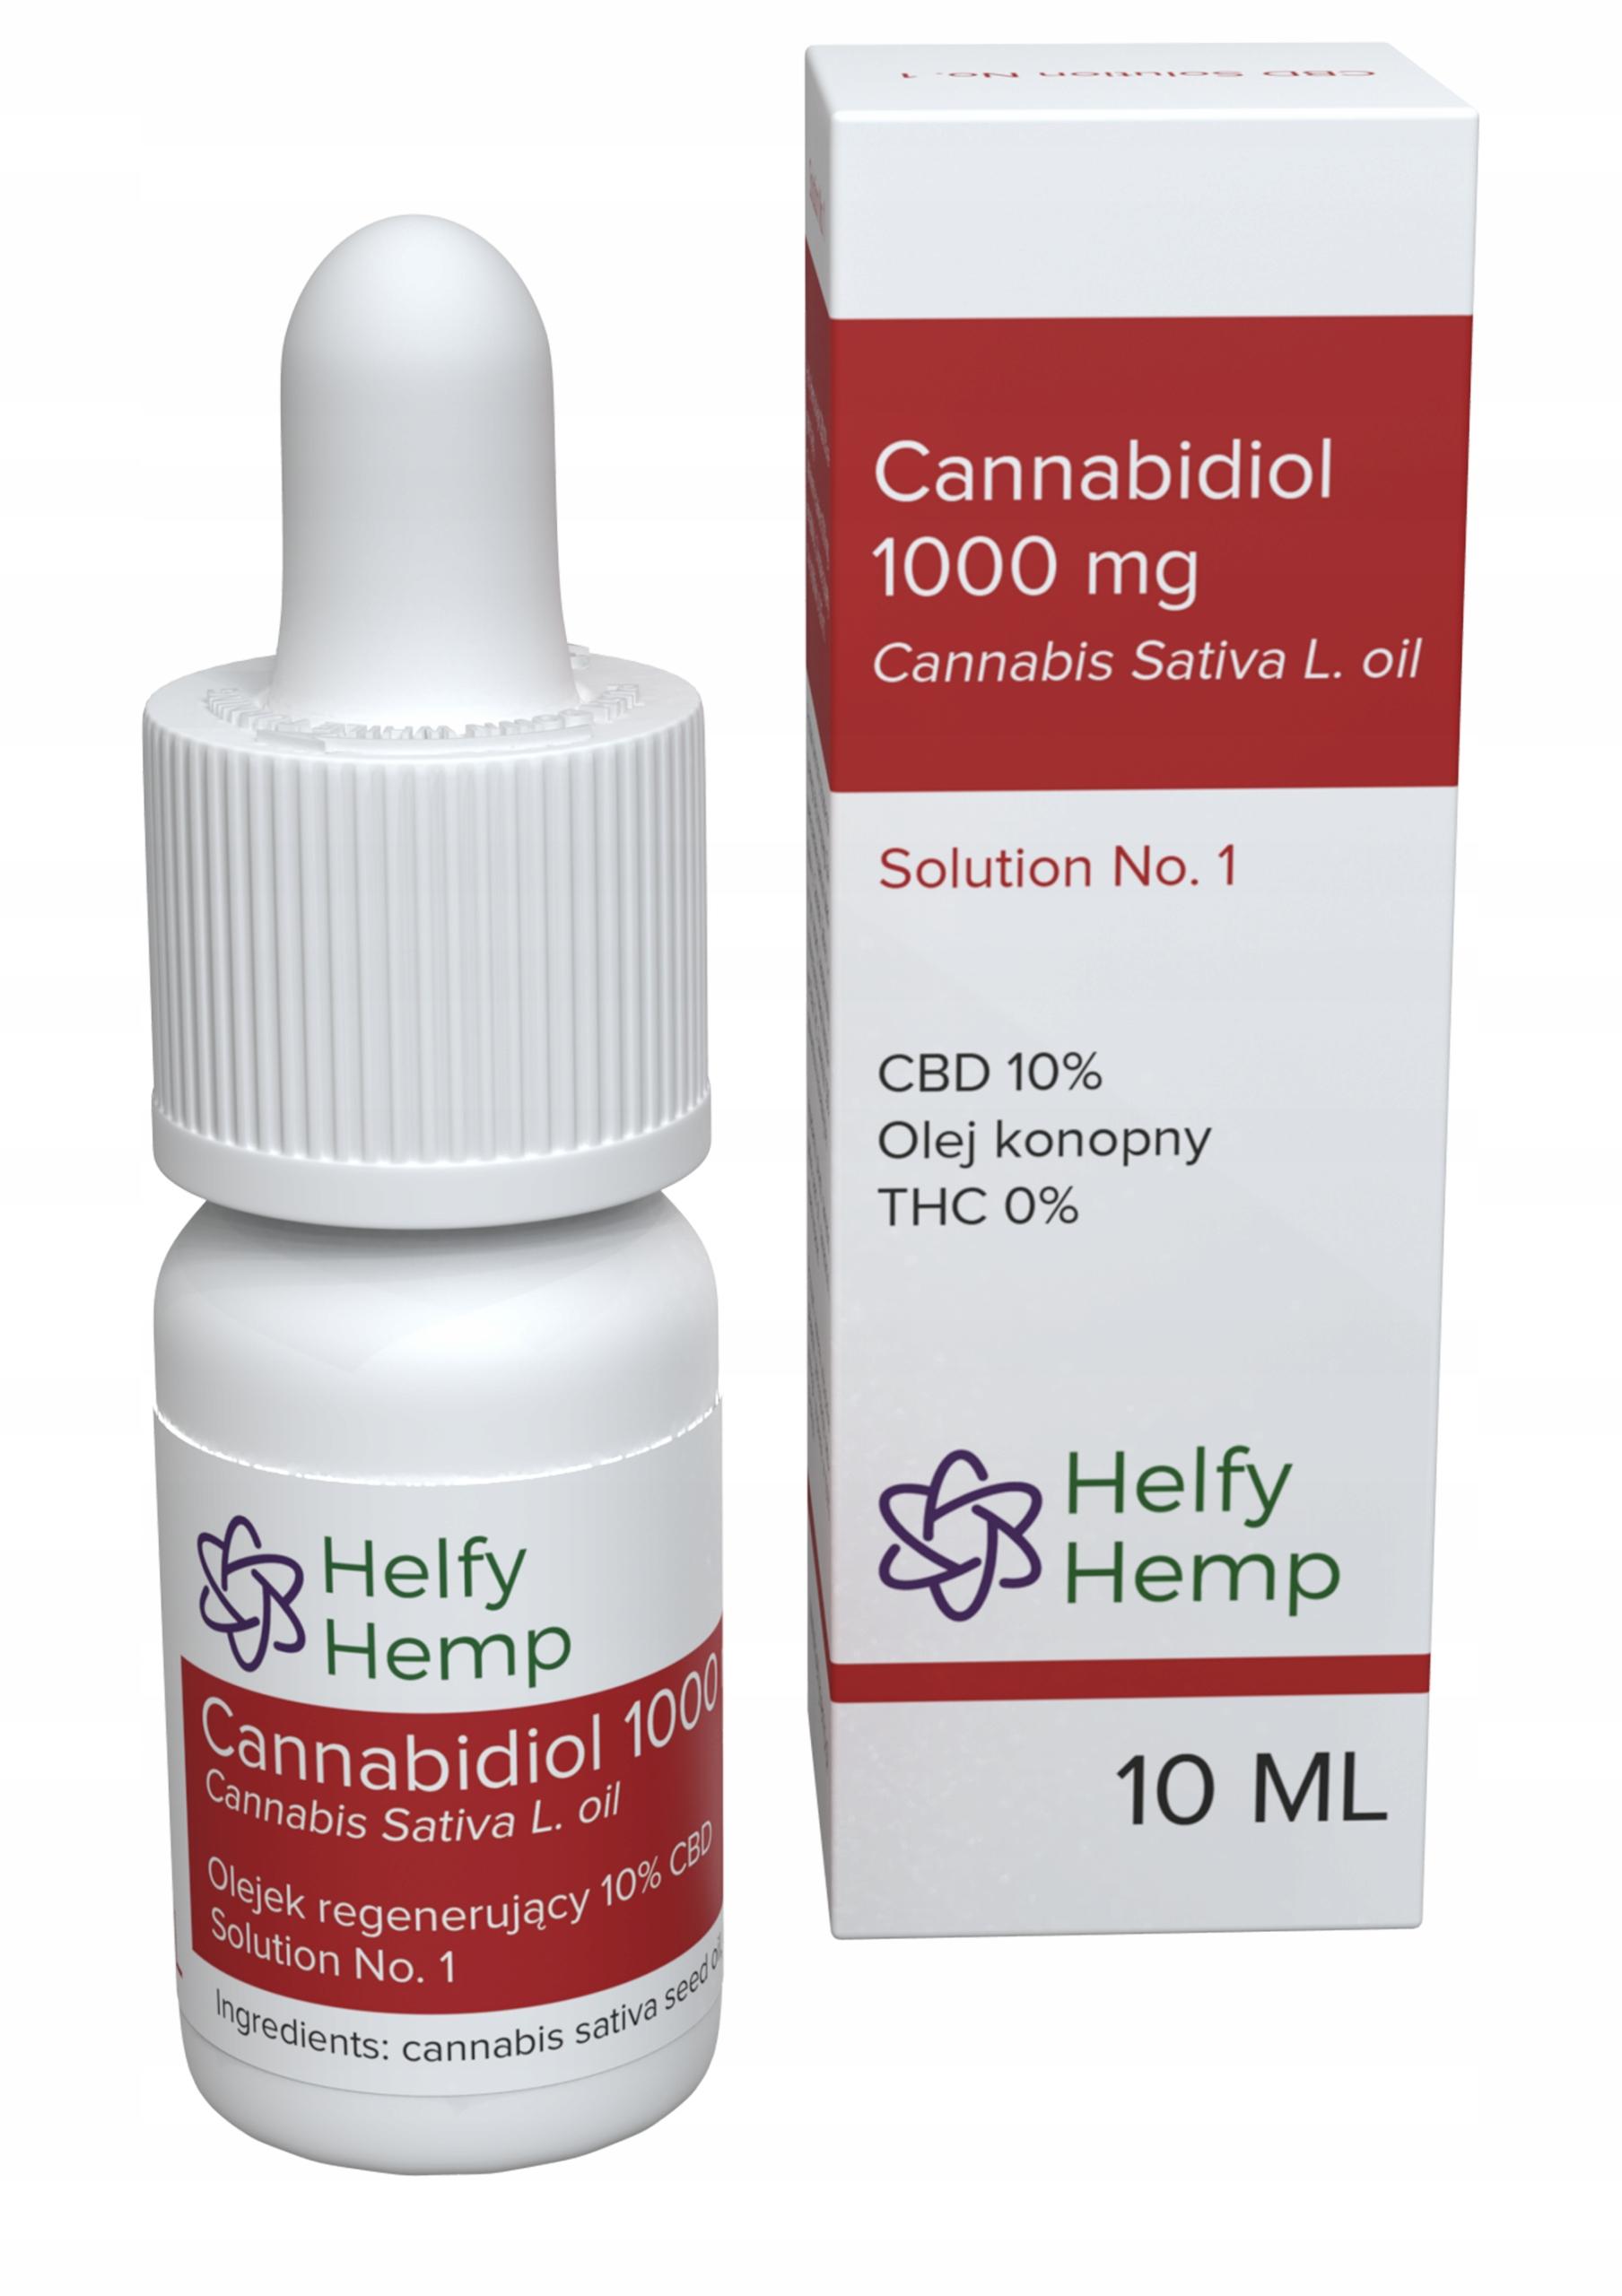 HelfyHemp olejek konopny 10% CBD 1000mg certyfikat